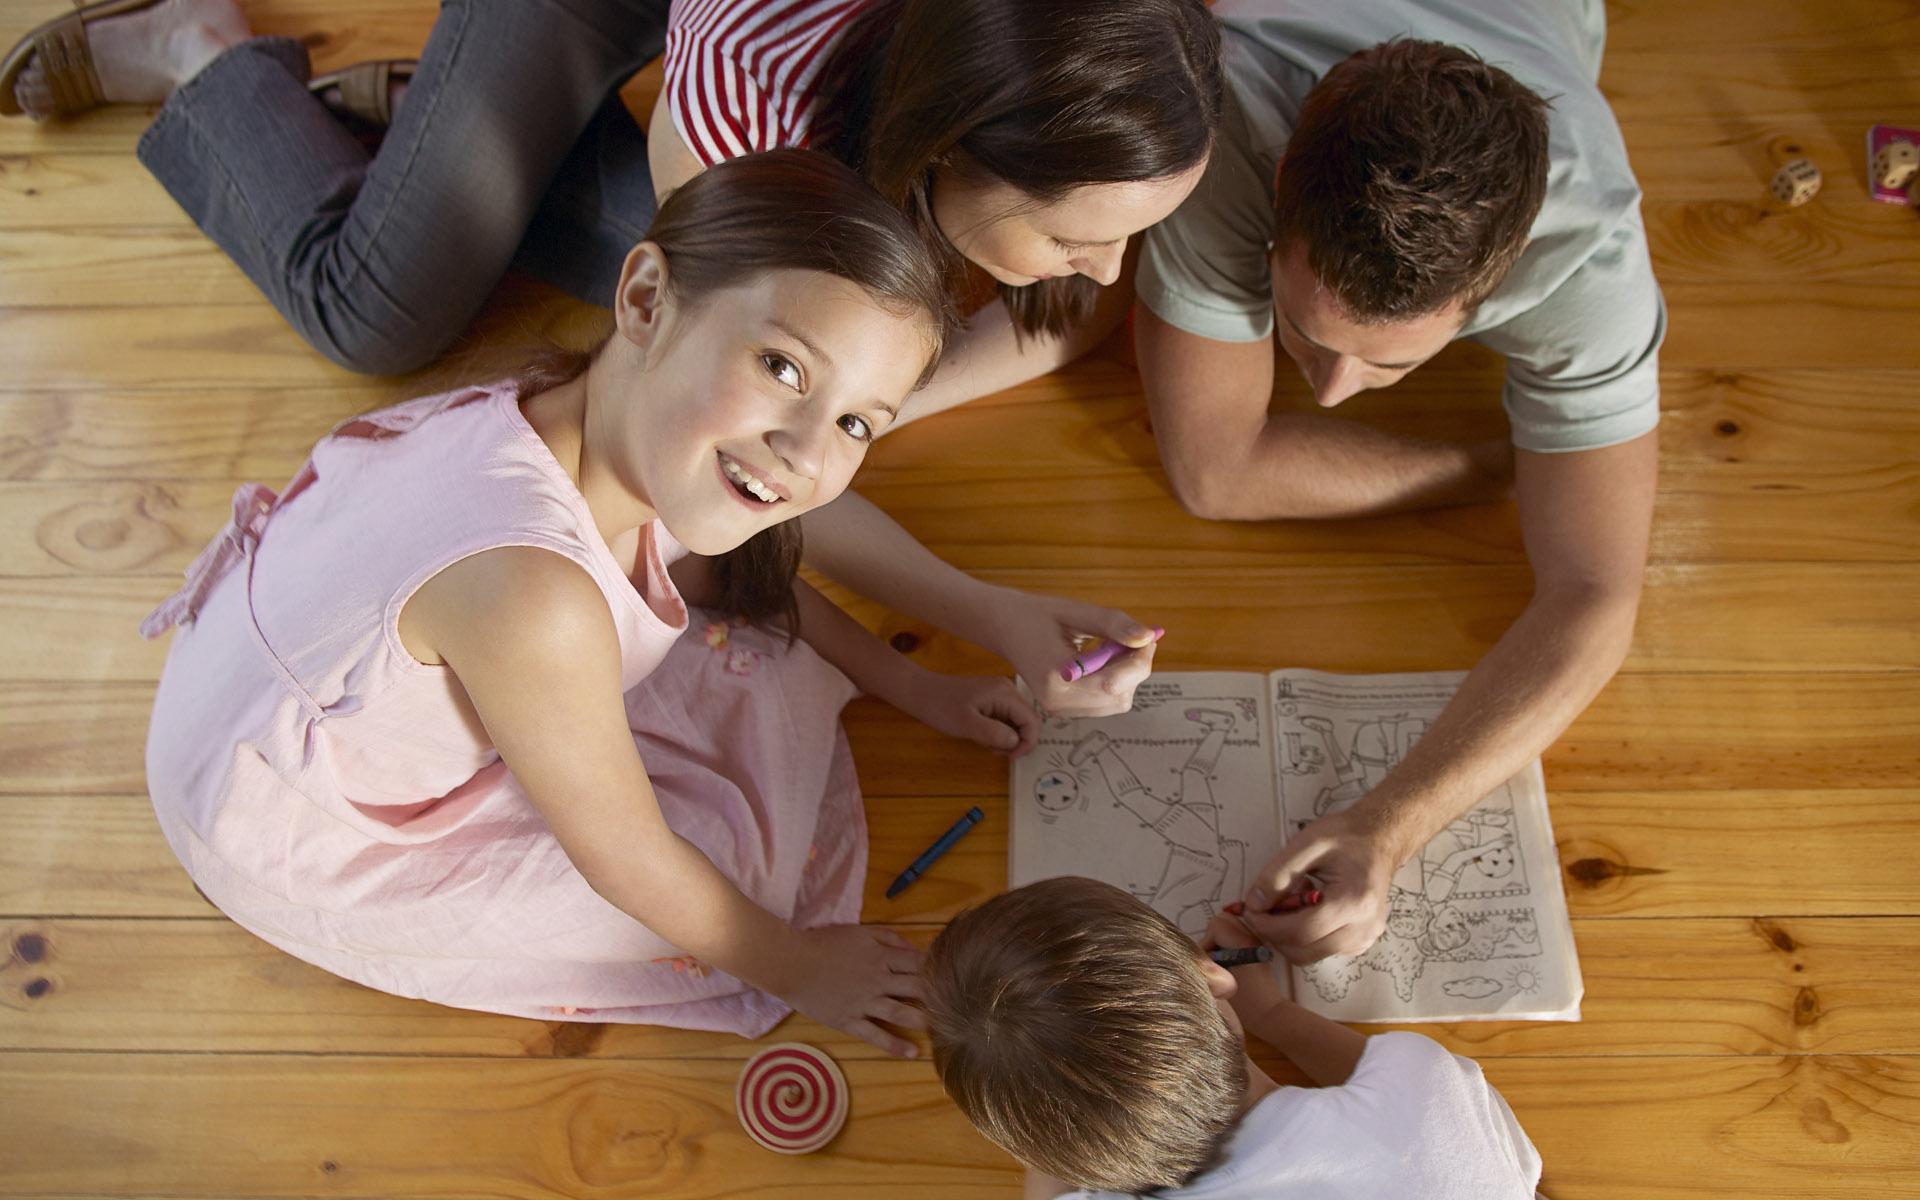 Роль семьи в воспитании ребенка: что привить, а что пресечь